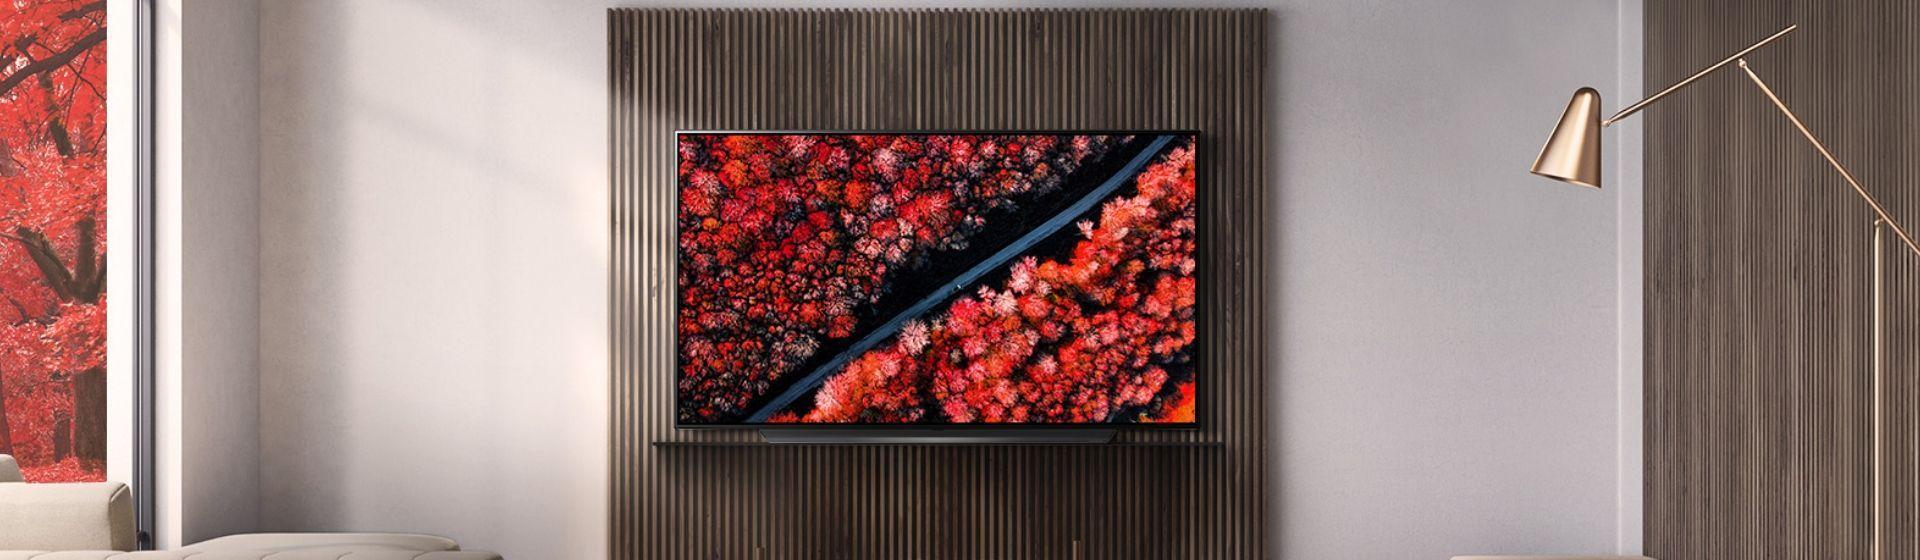 Smart TVs OLED 2020: confira as 5 melhores opções!